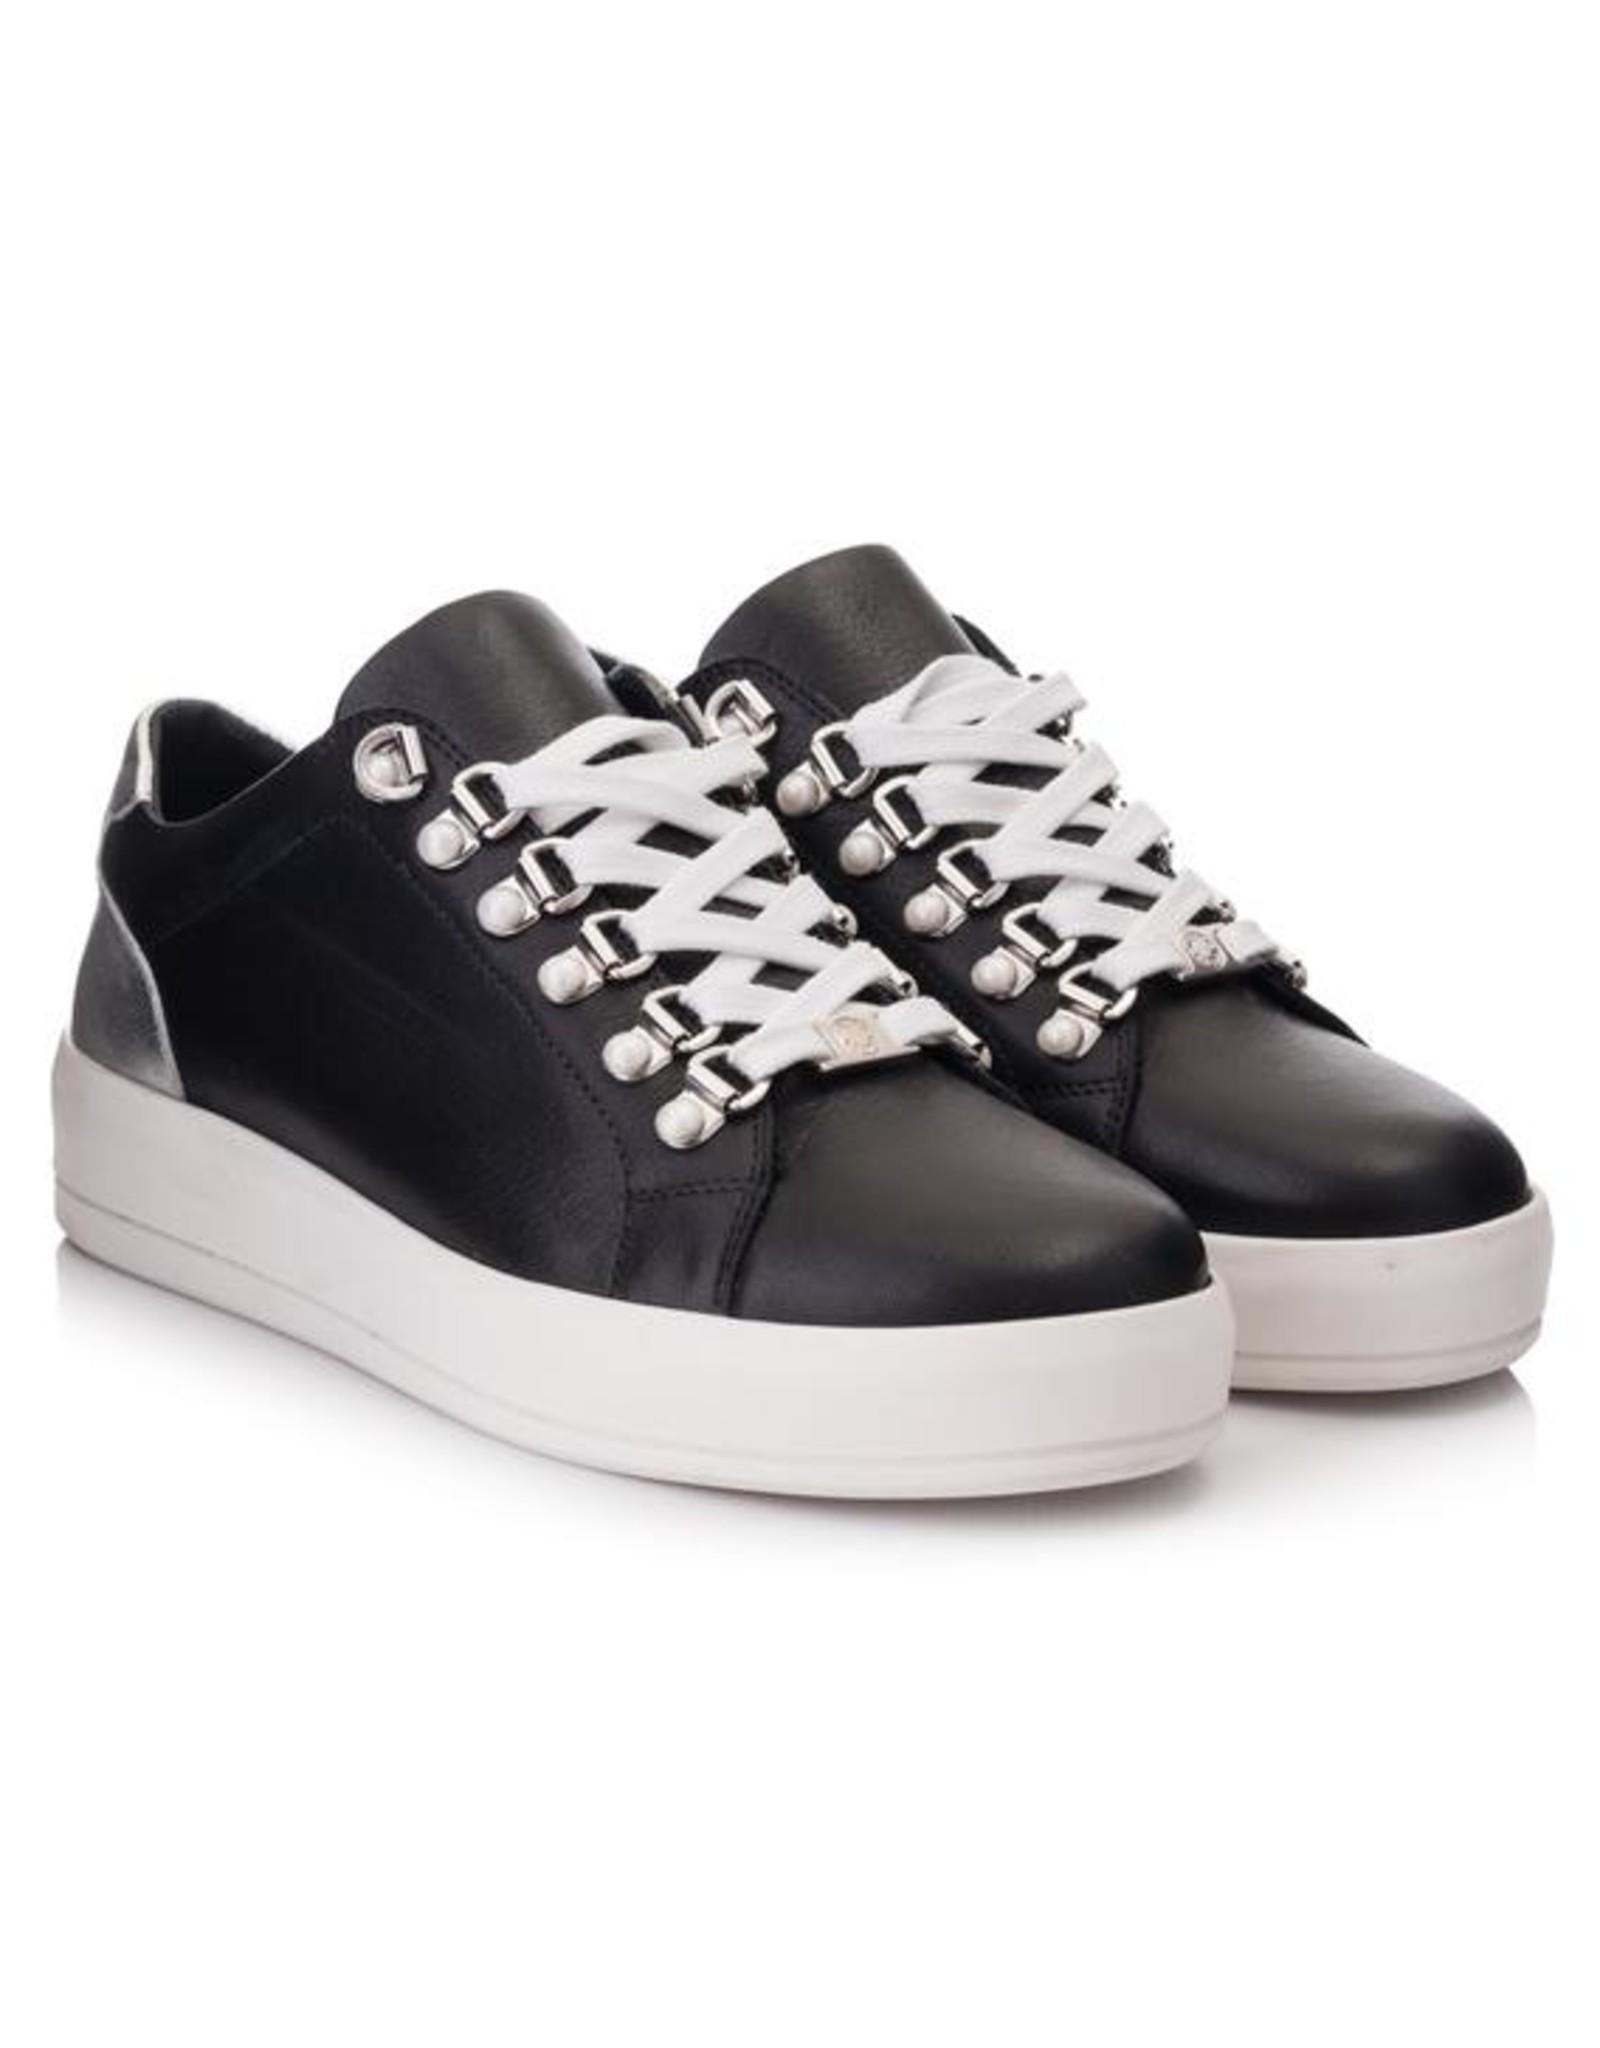 Hinson Sneaker dames zwart zool wit